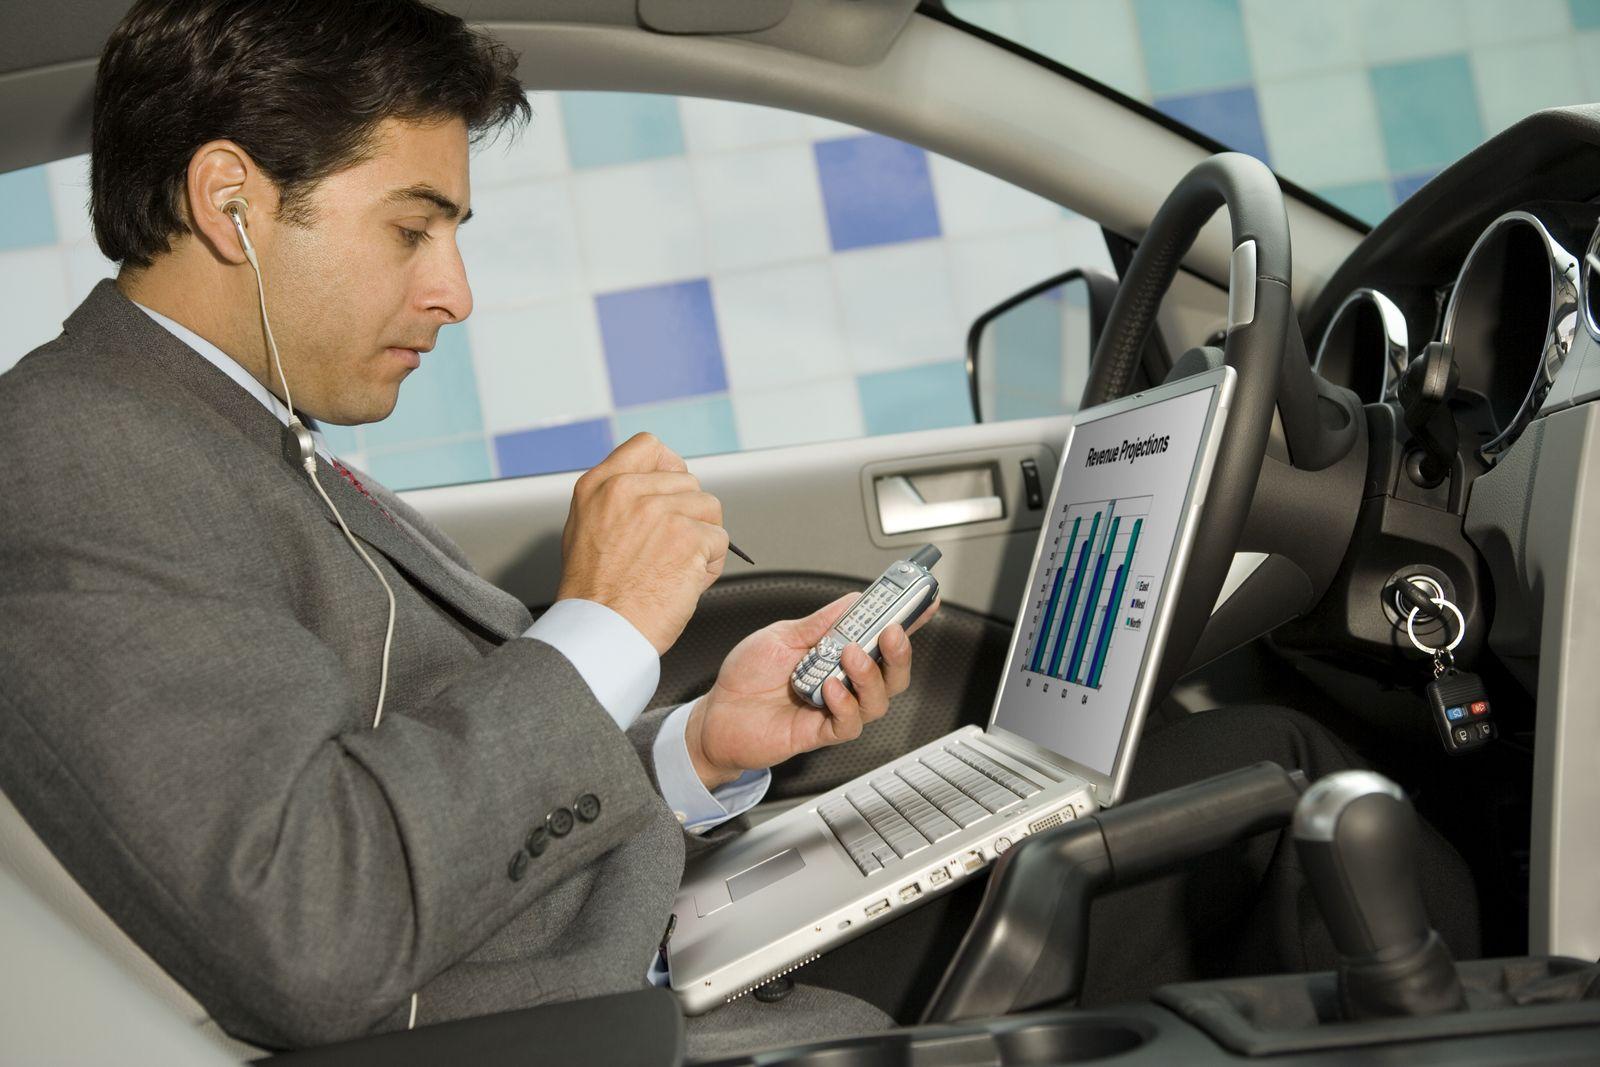 NICHT MEHR VERWENDEN! - Geschäftsmann im Auto mit Handy, Notebook und Headset